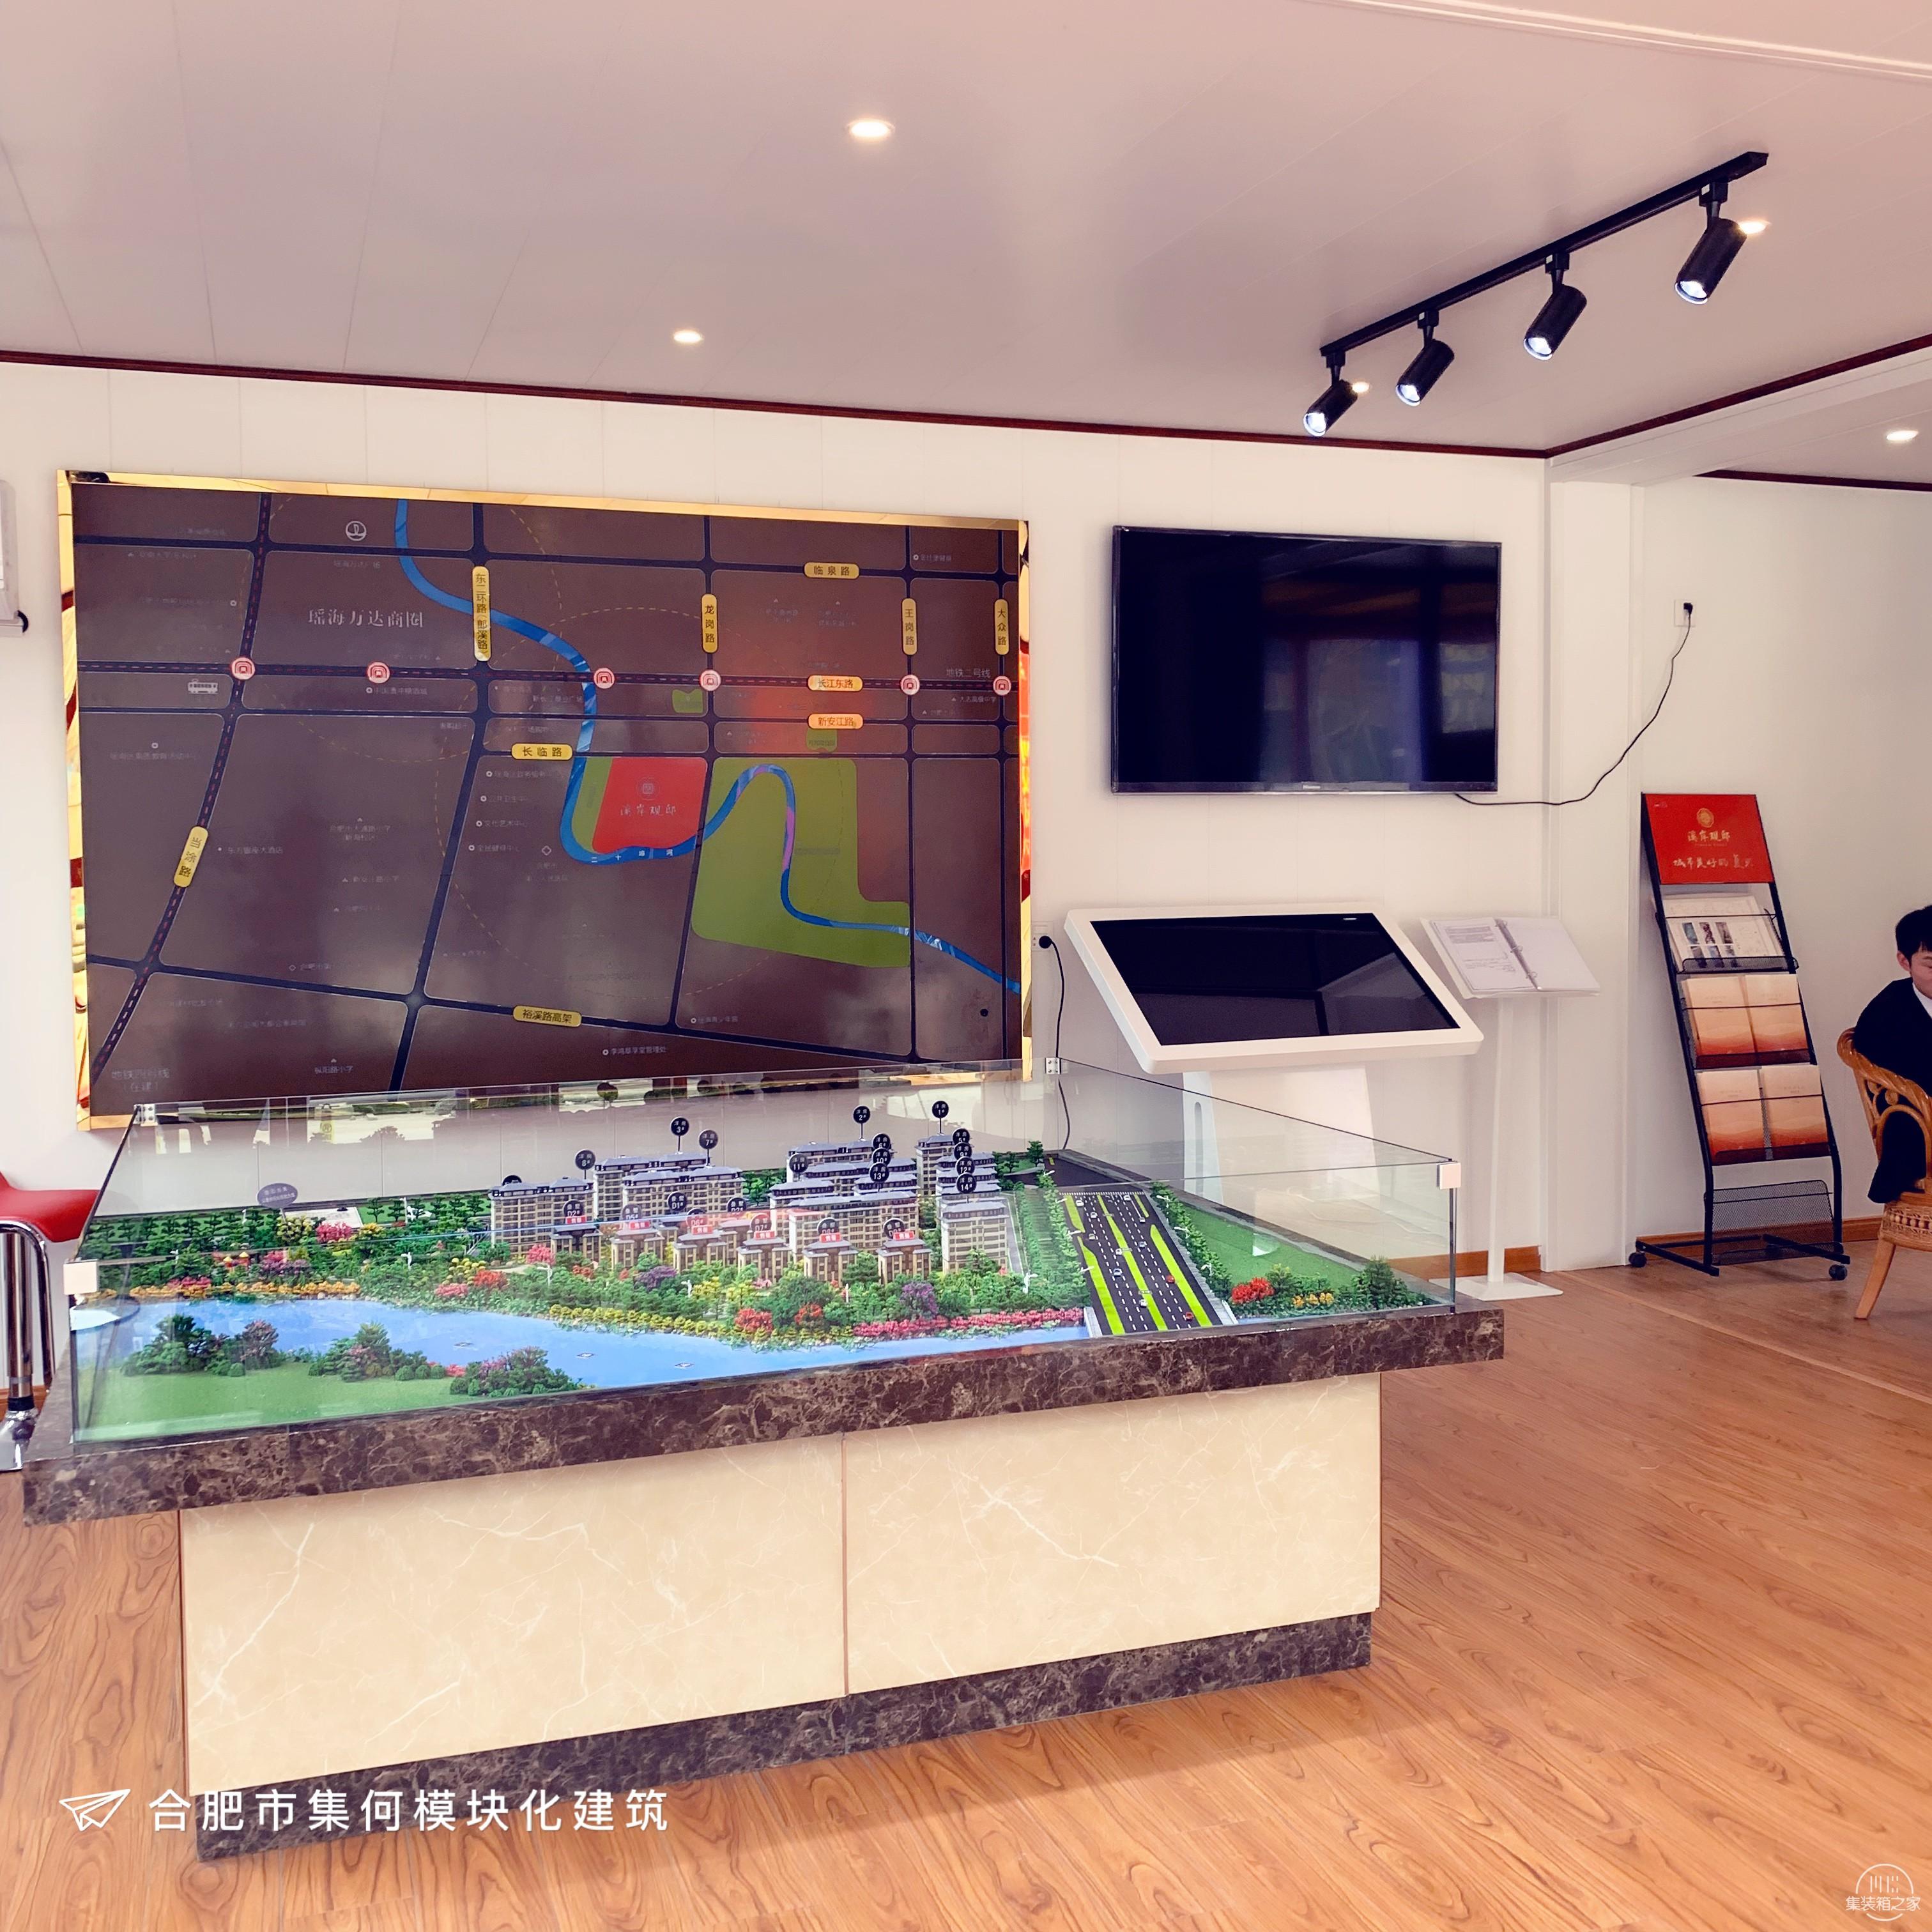 合肥集何模块化建筑 集装箱售楼中心 作品欣赏-7.jpg